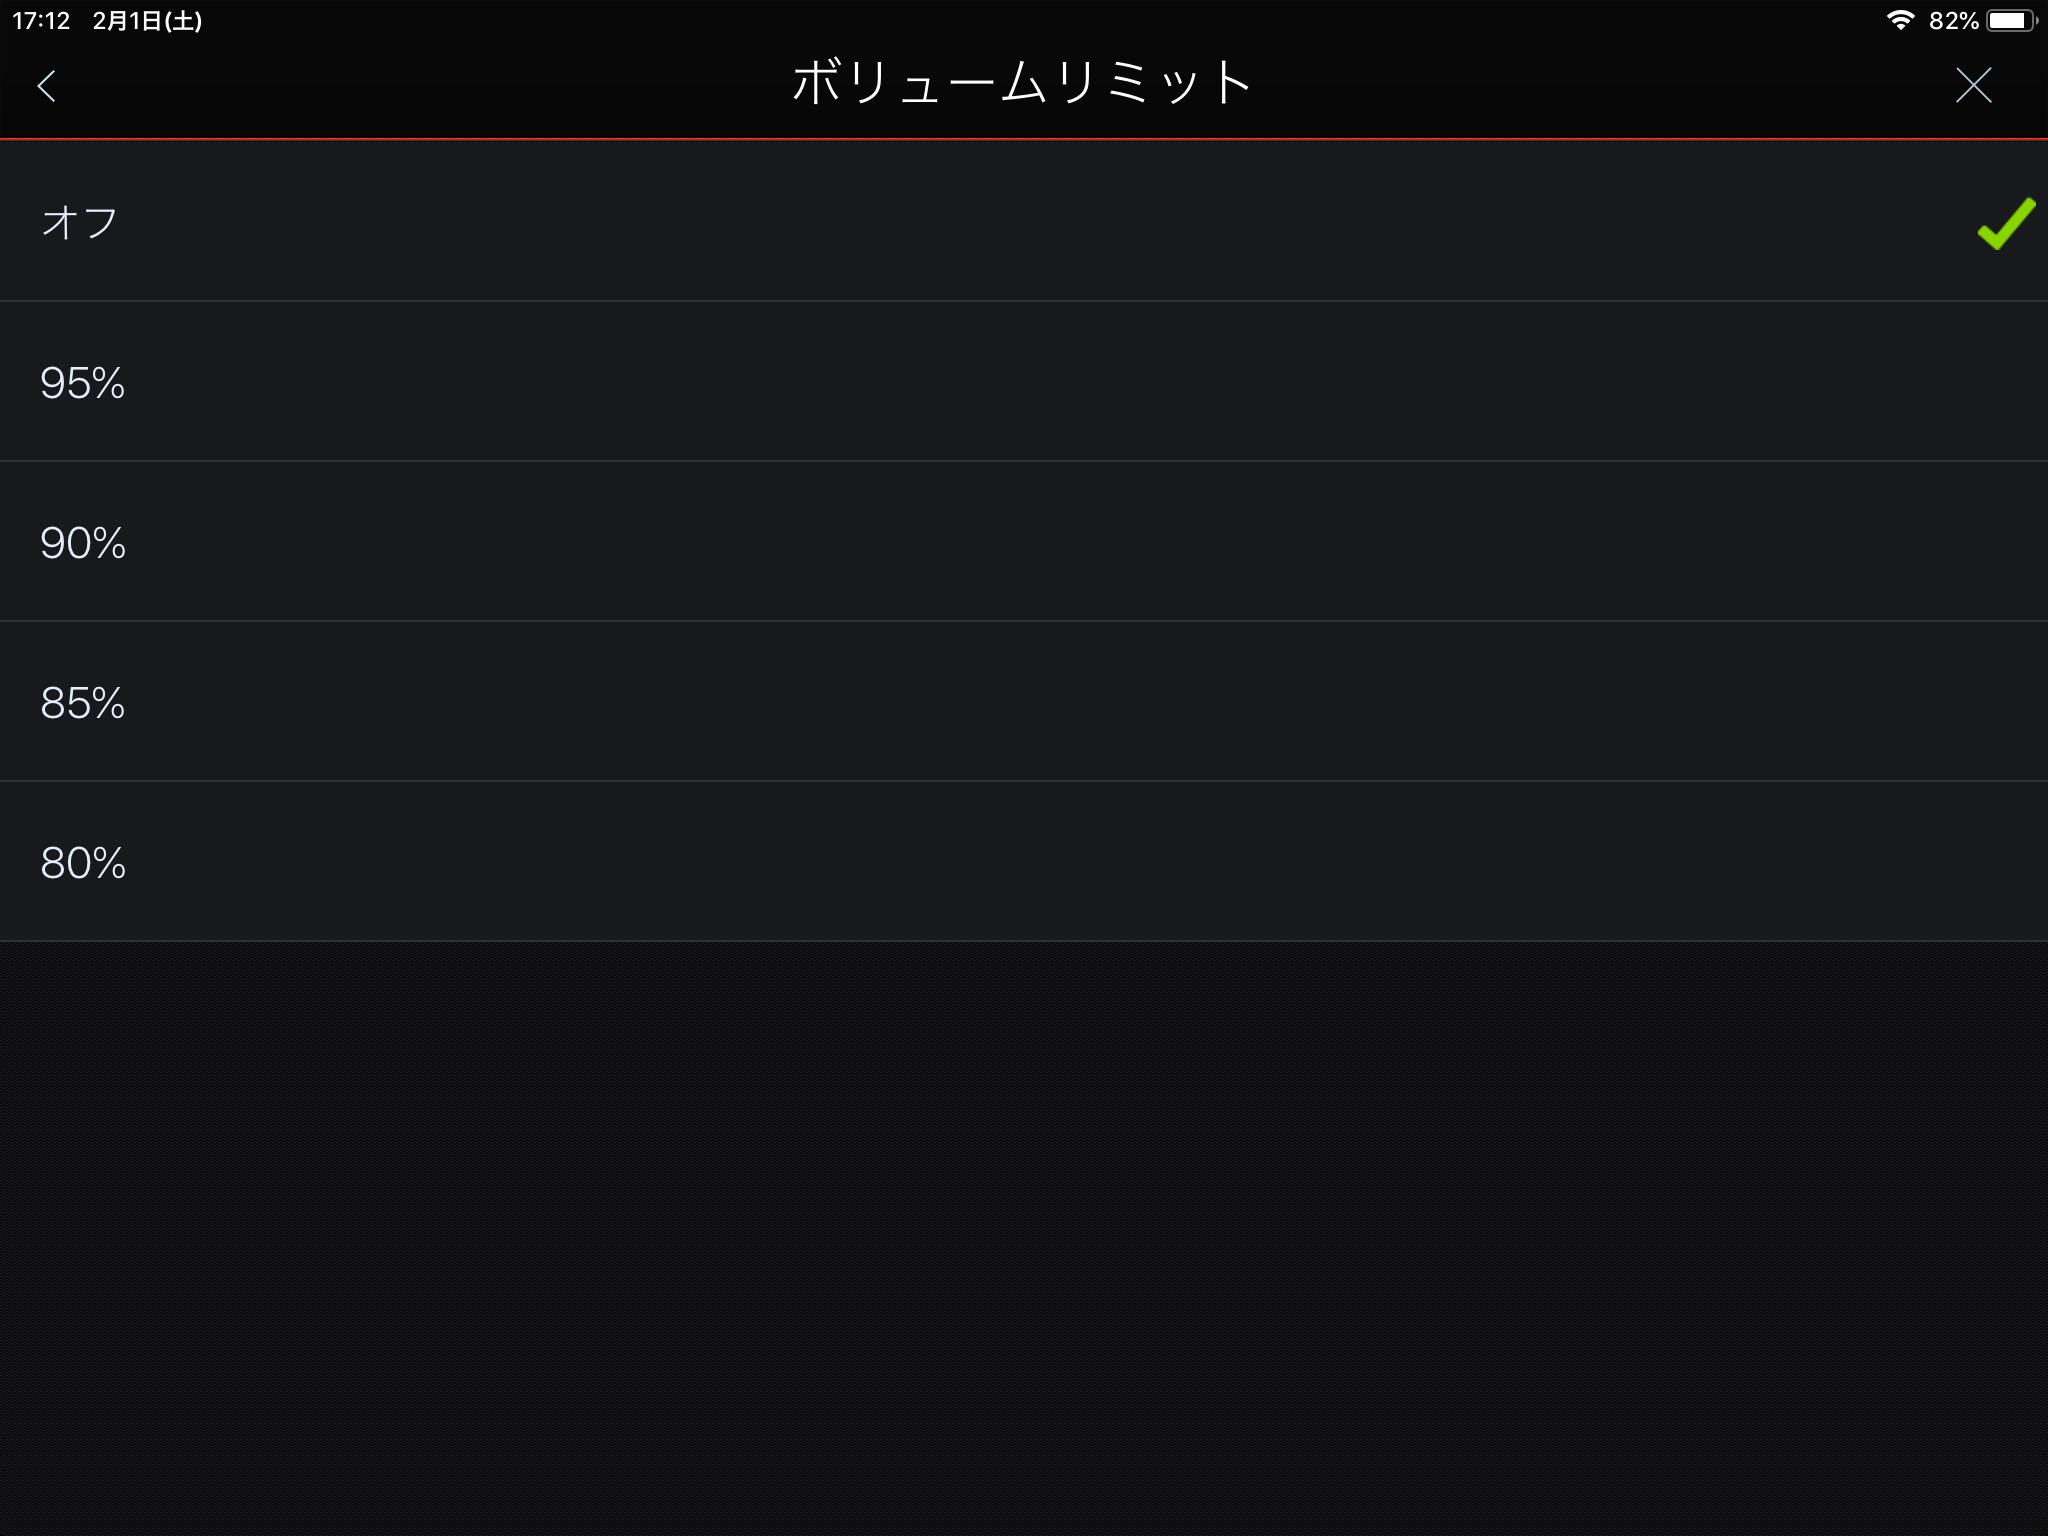 マランツのネットワークプレーヤー ND8006 で Amazon Music HD を聴く。_b0292692_17335169.png